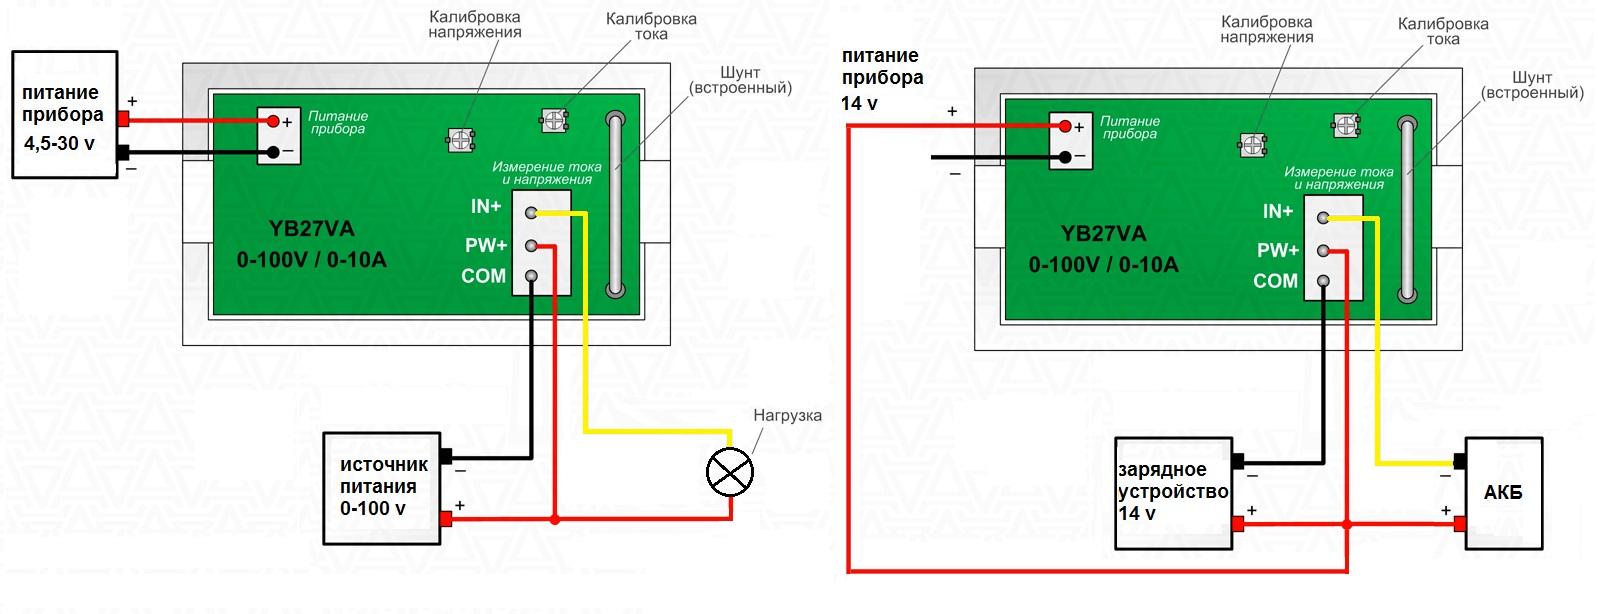 Как включается амперметр в схему